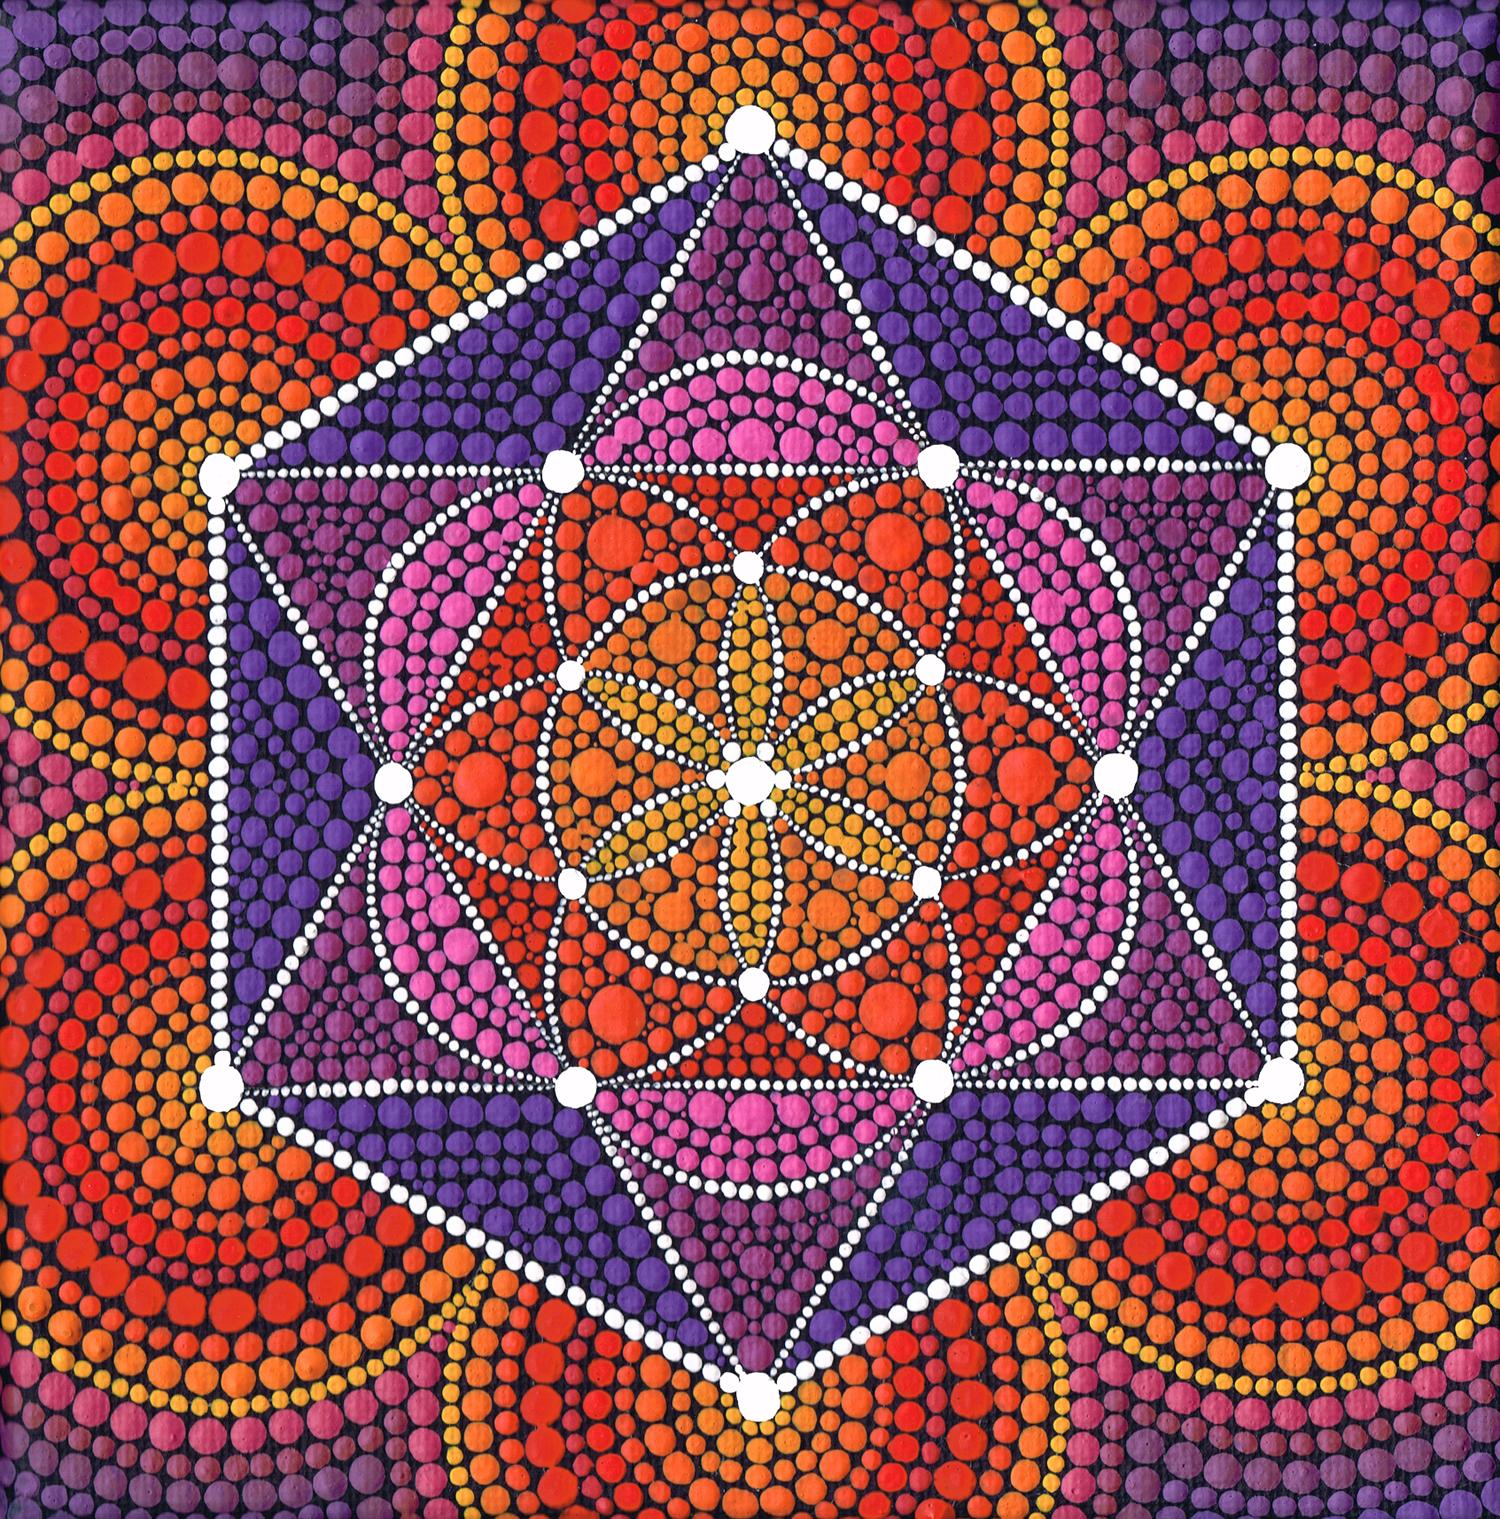 Fire Star Genesis Pattern